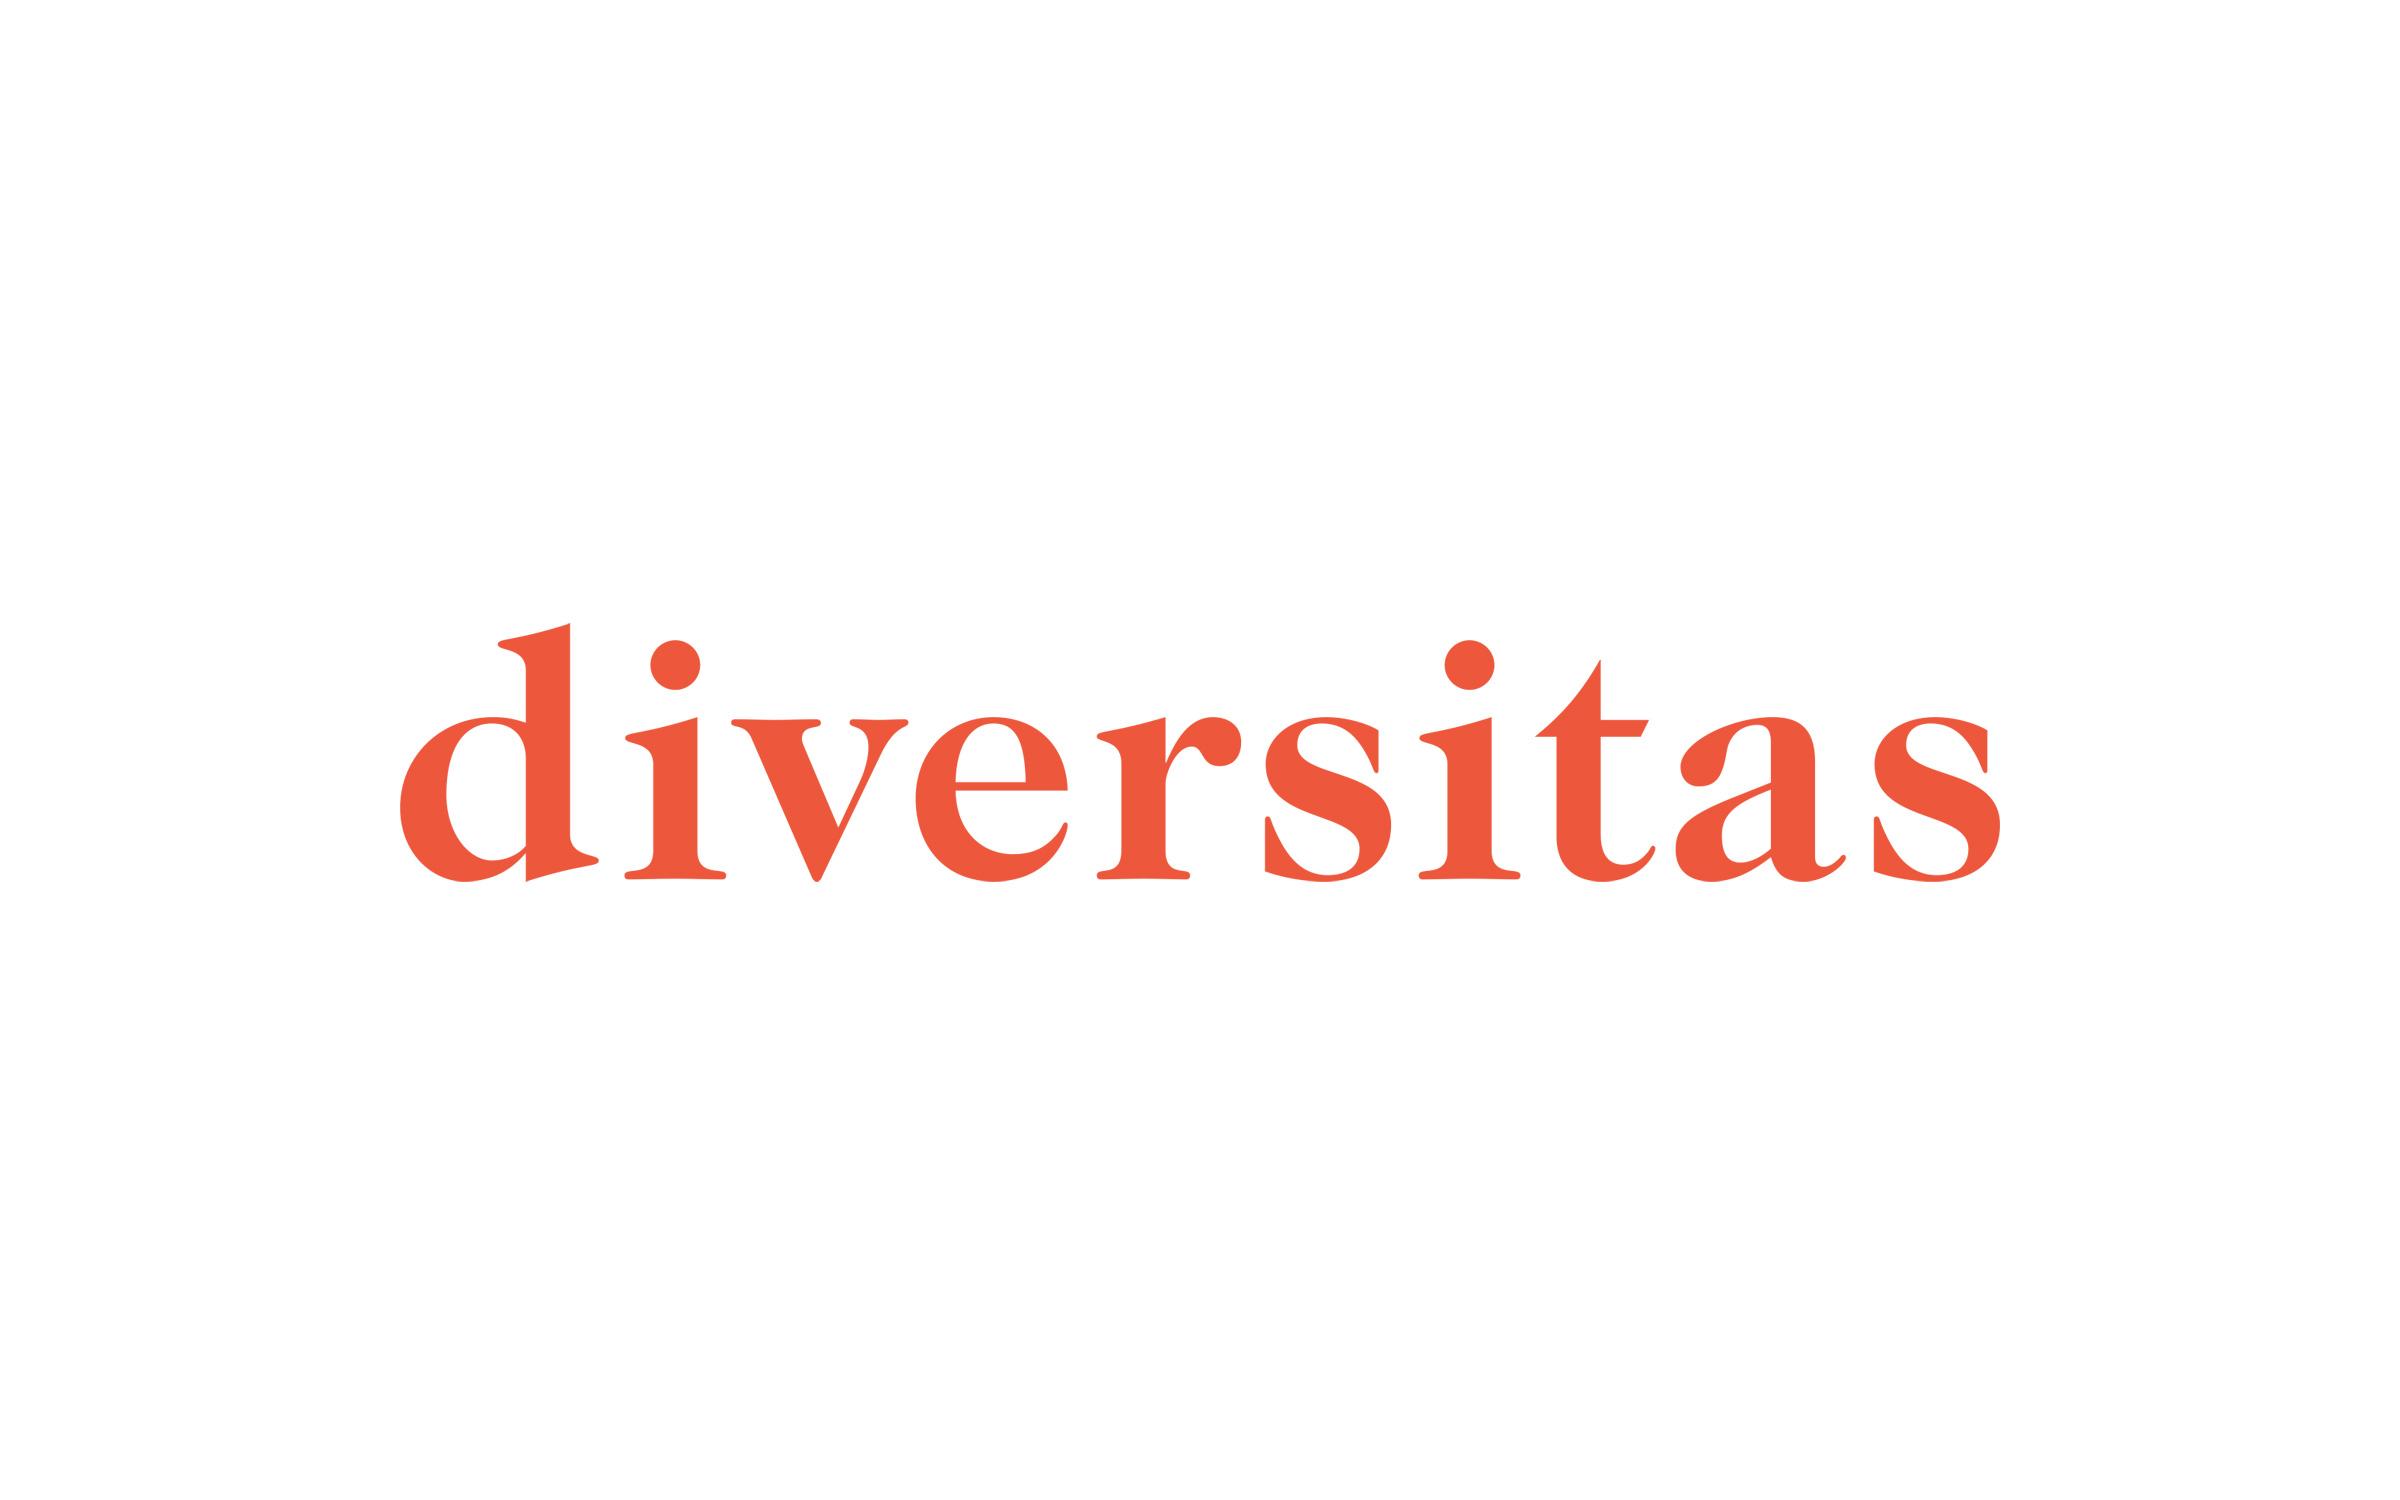 diversitas